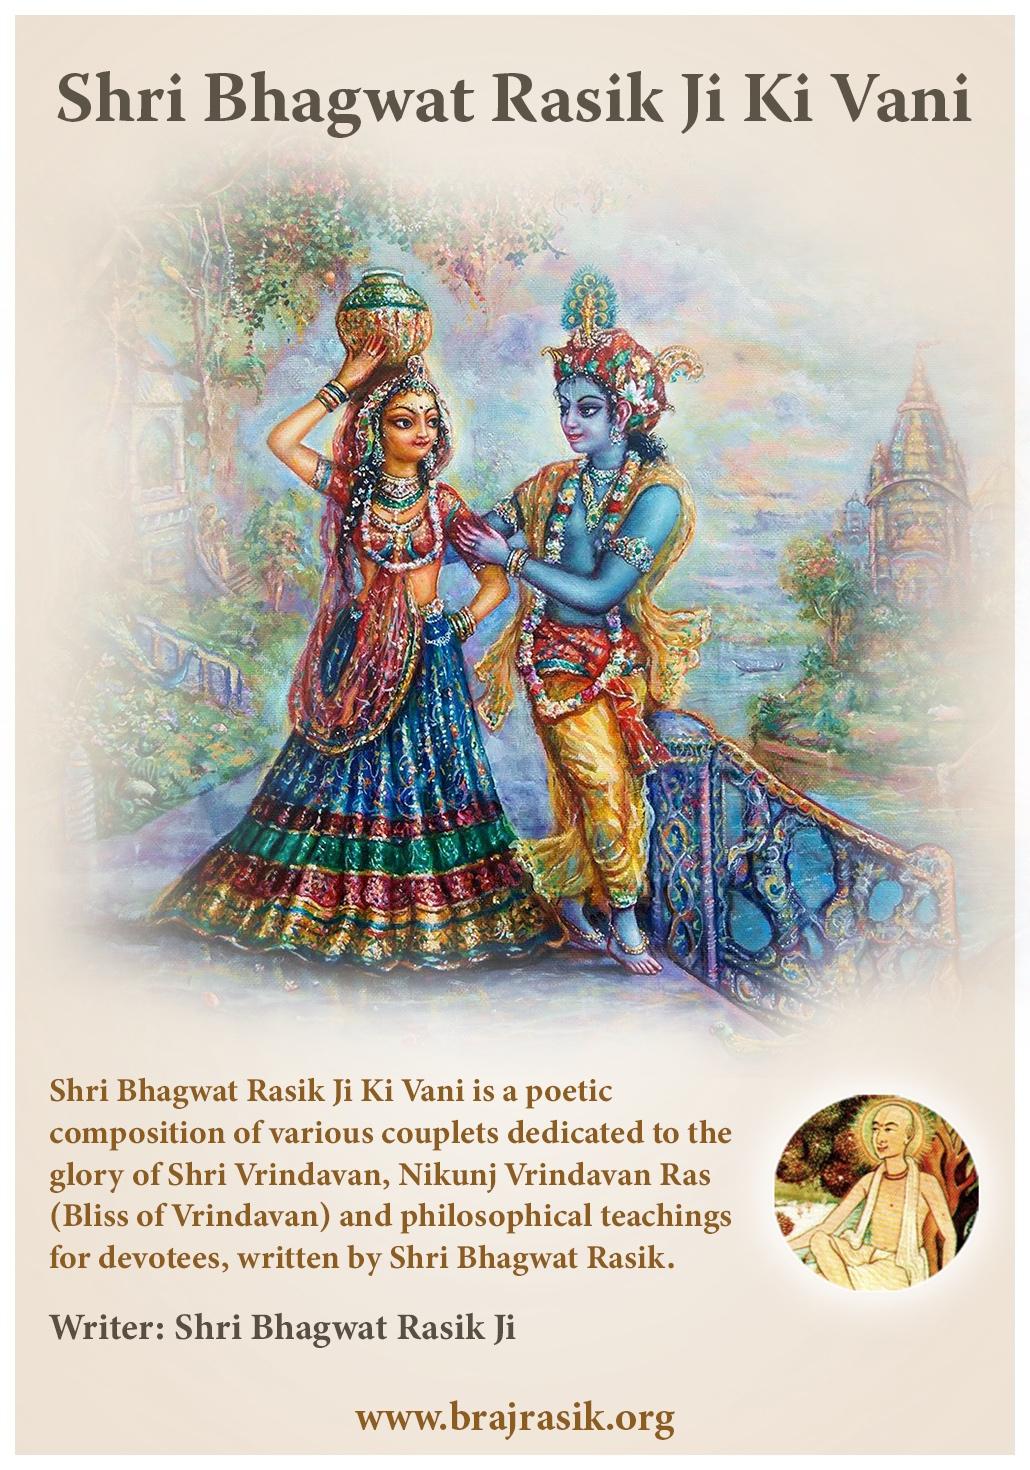 Shri Bhagwat Rasik Ki Vani